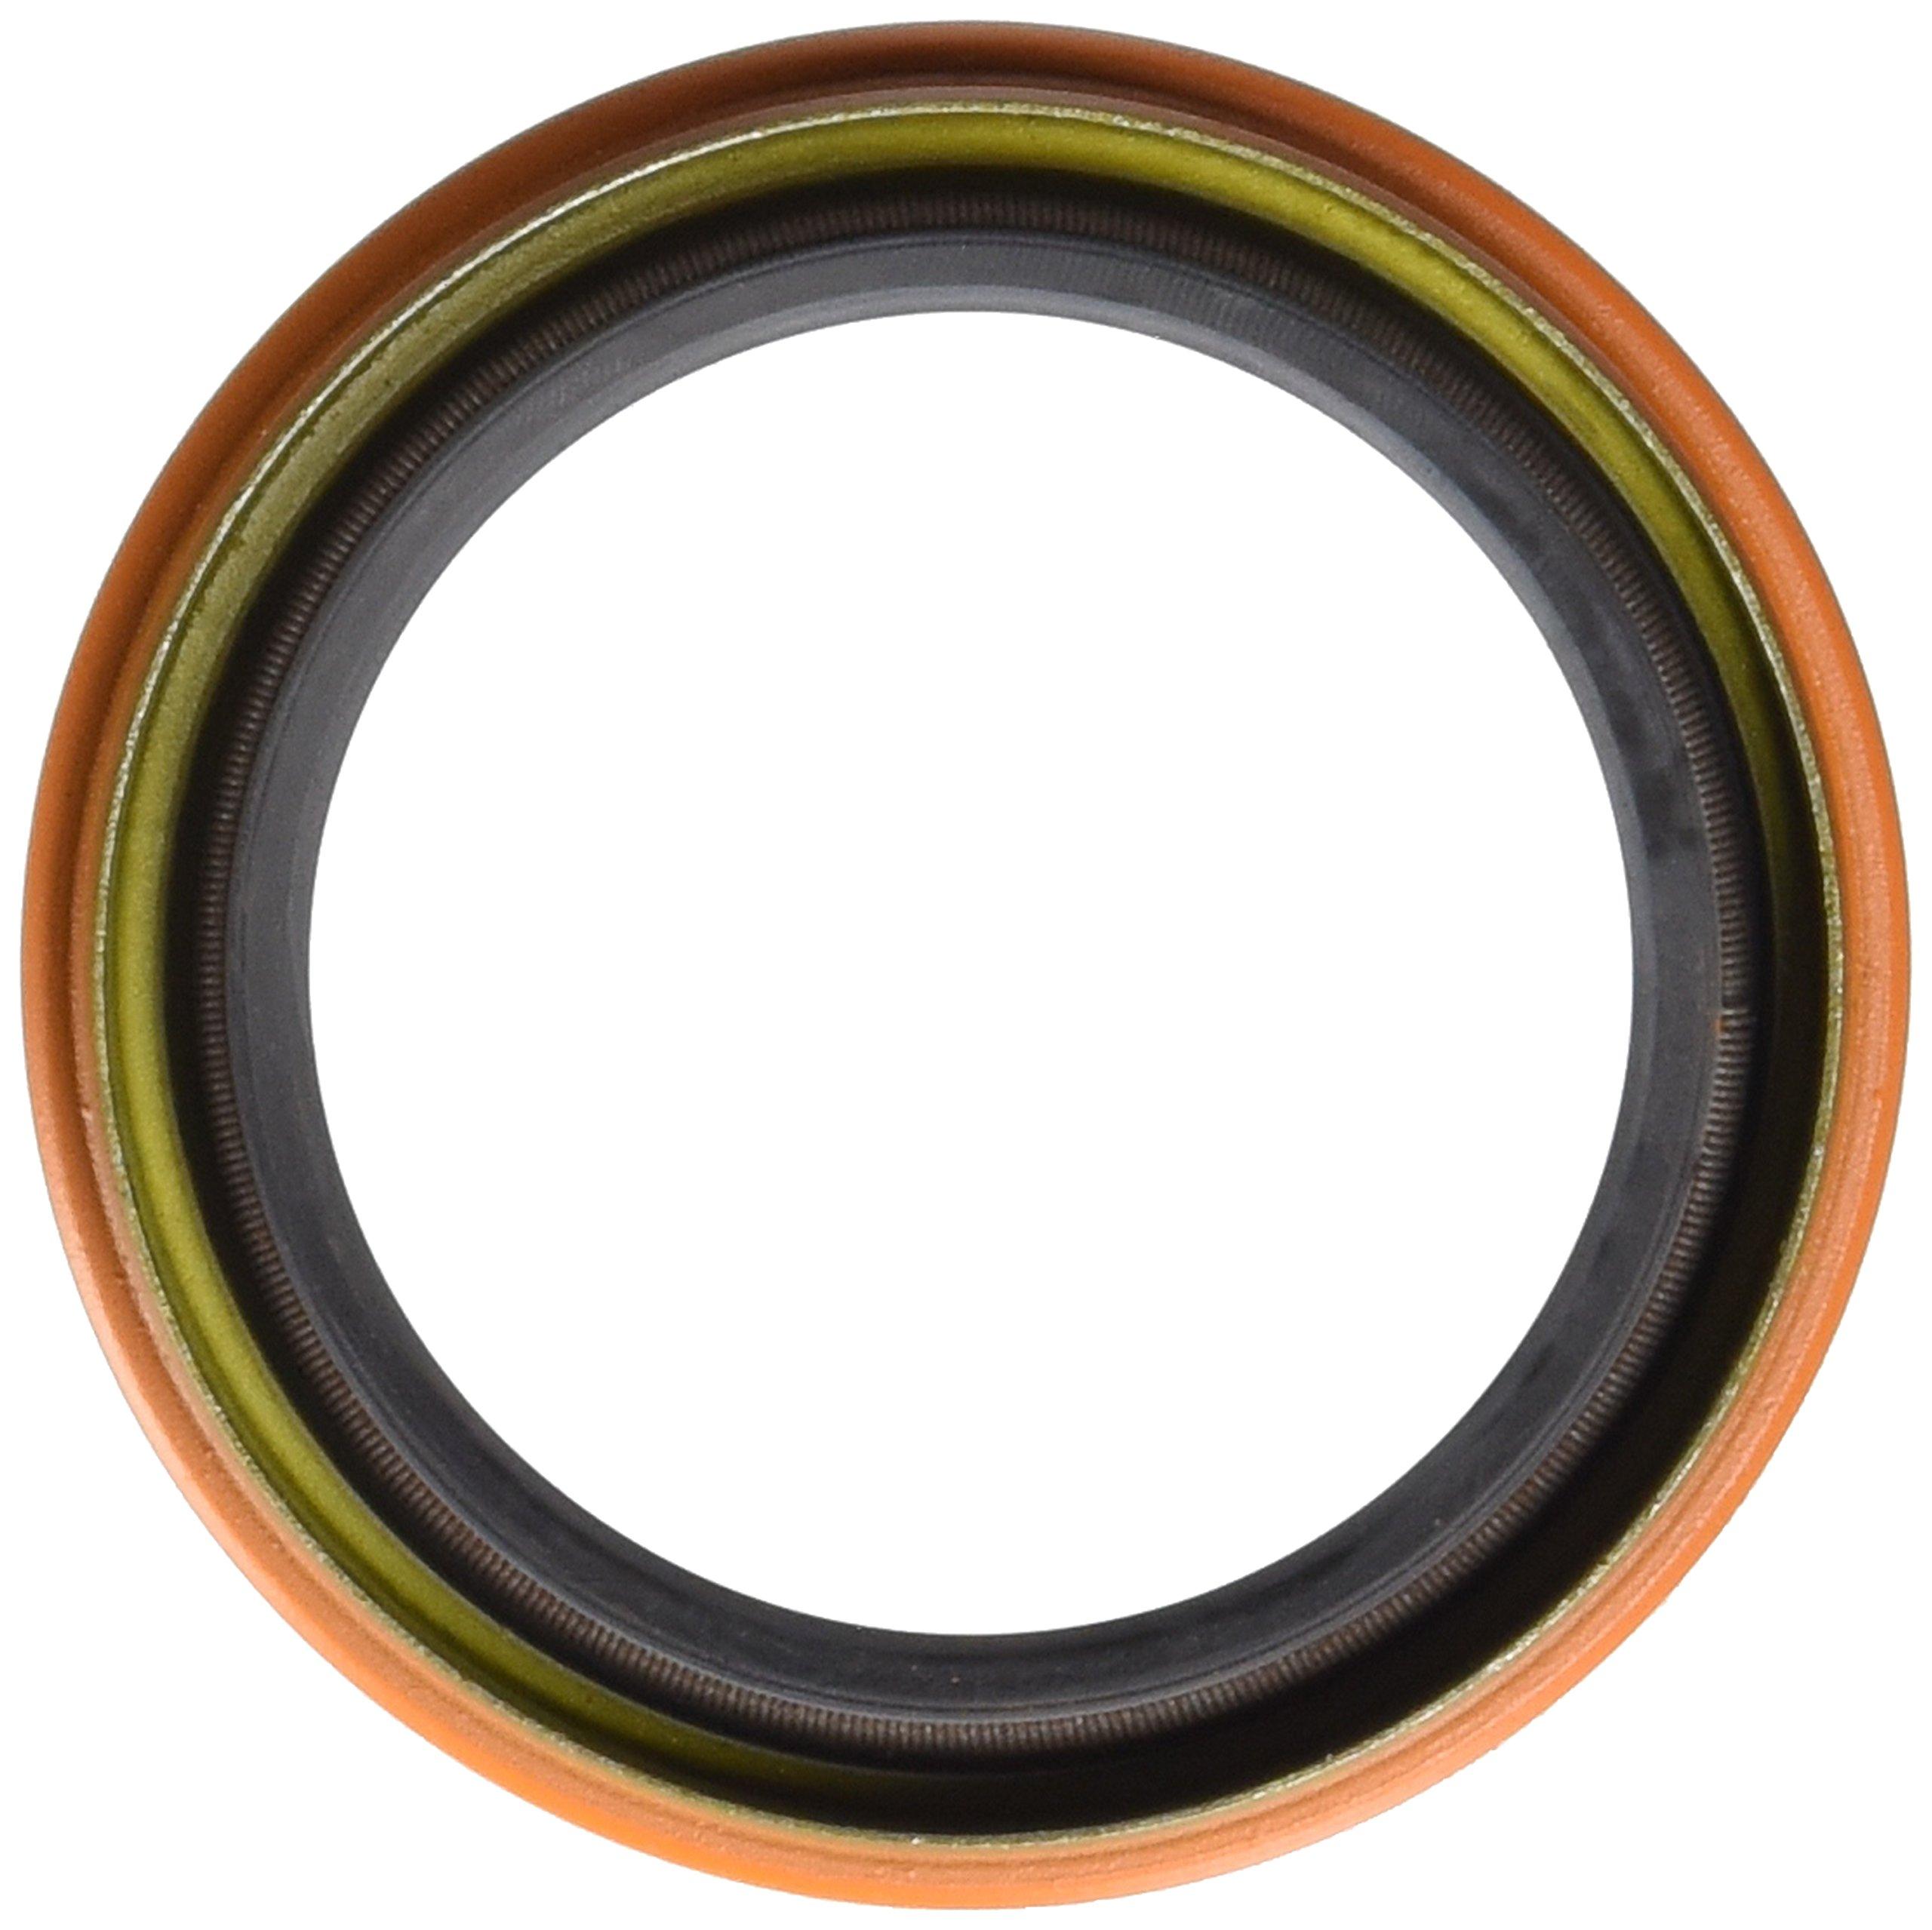 Timken 2955 Seal